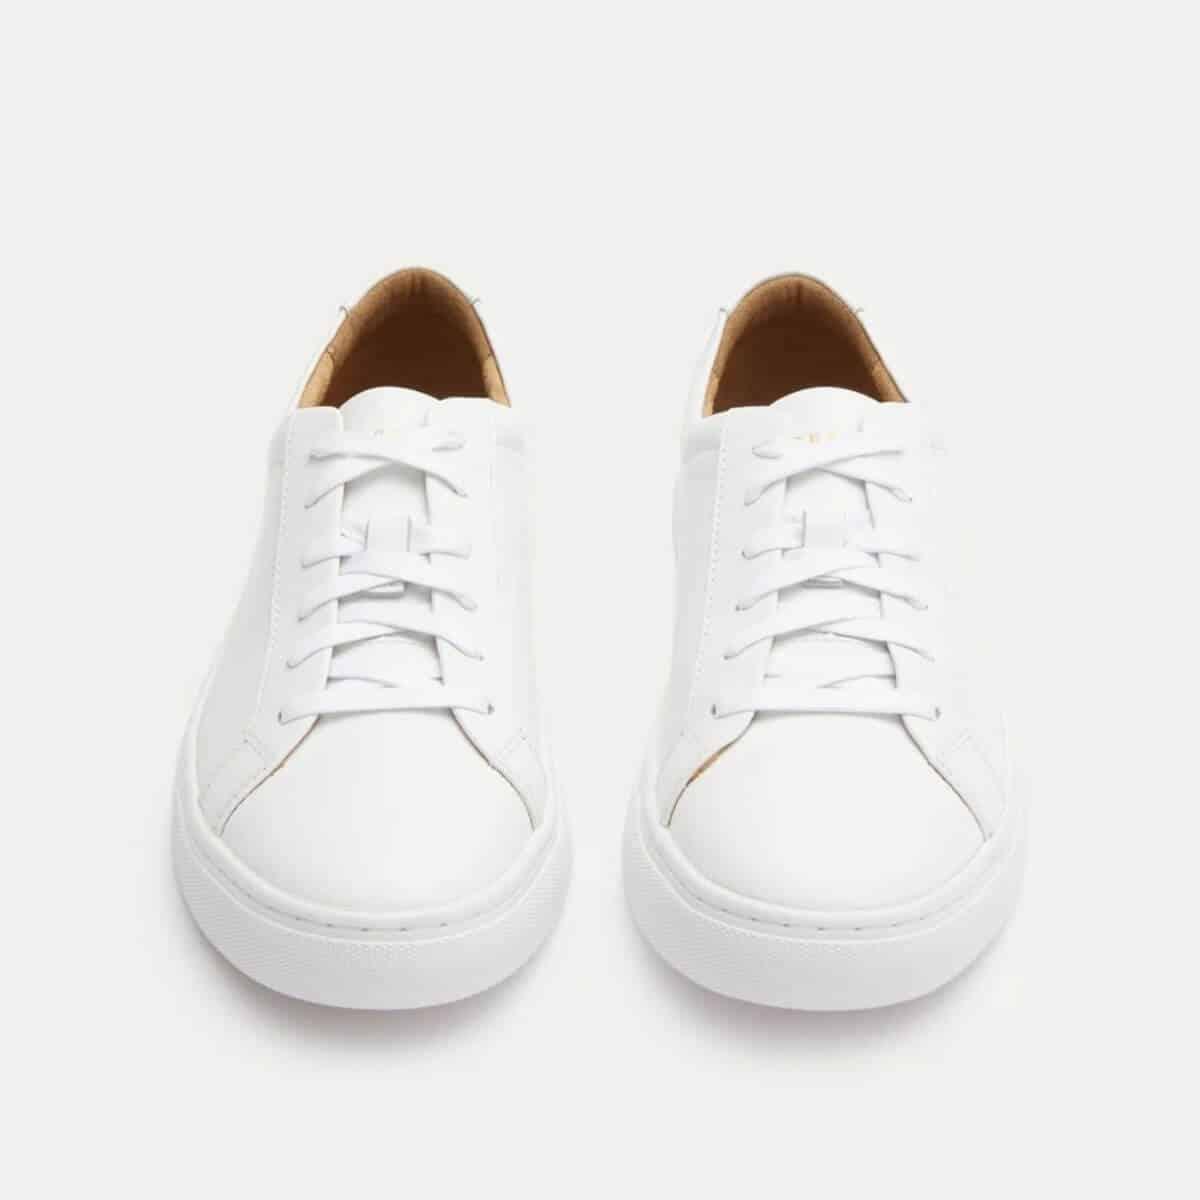 New Republic Kurt white sneakers.